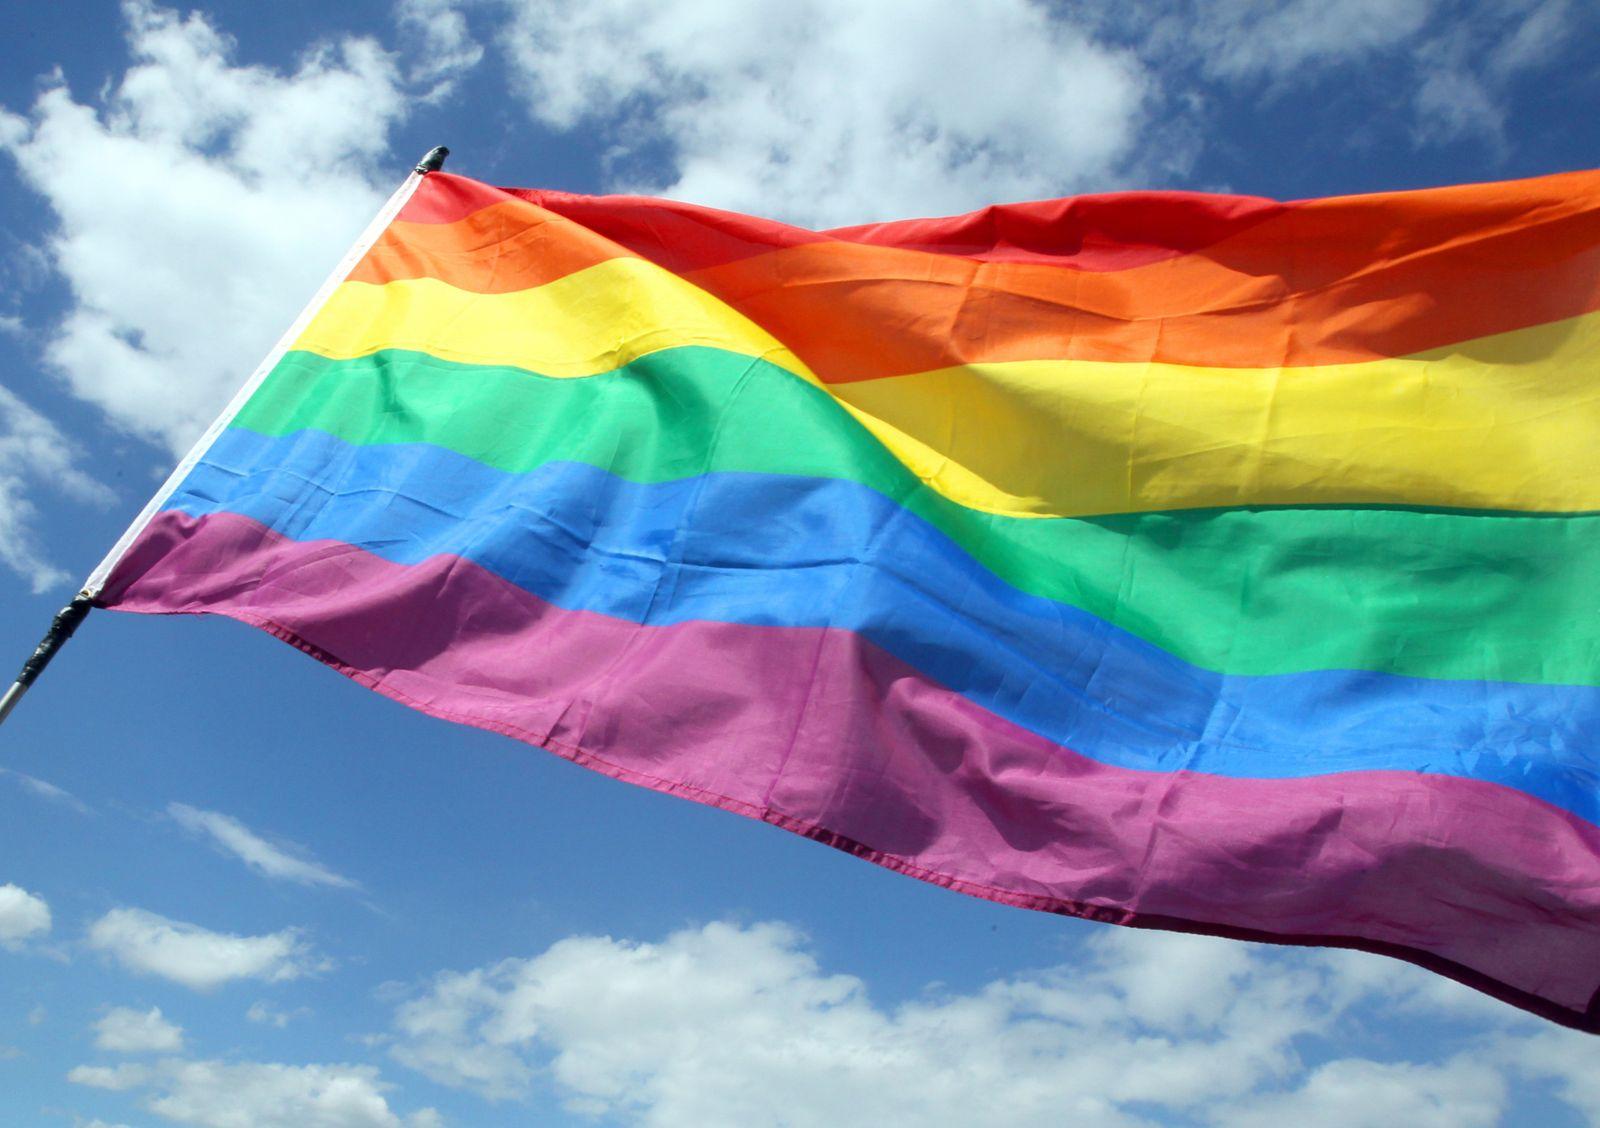 Regenbogenflagge angezündet: 16 Jahre Haft für Mann in den USA